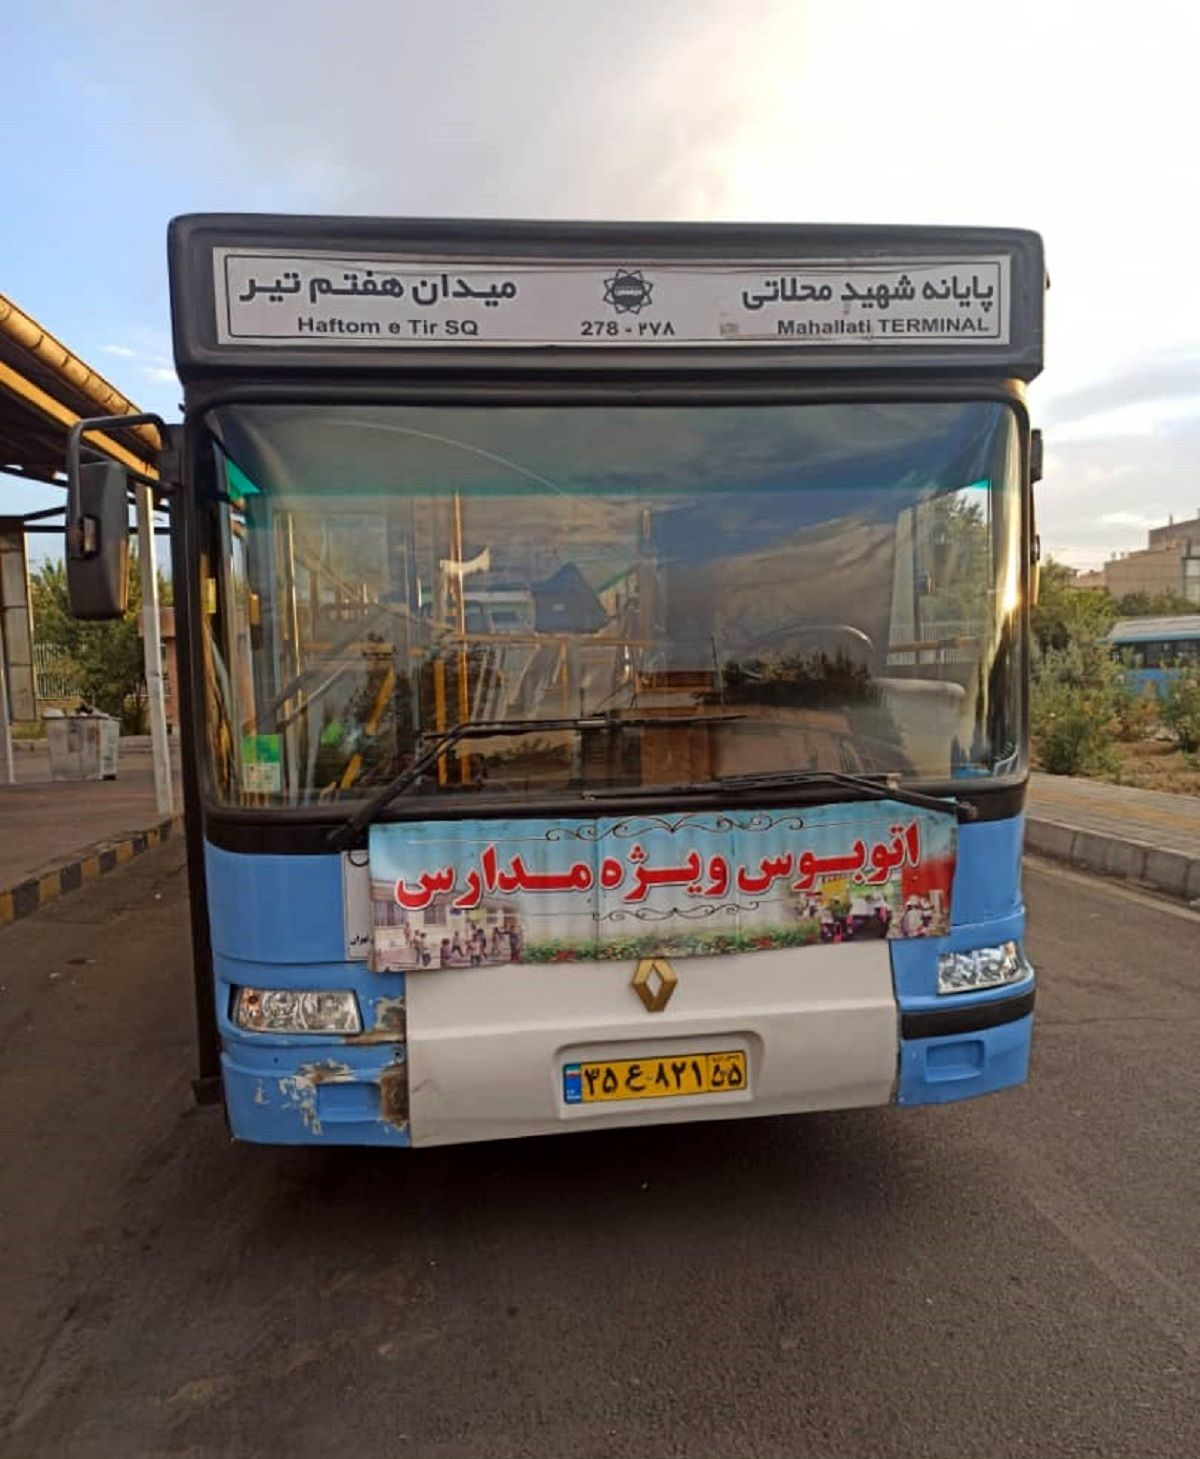 راه اندازی خطوط اتوبوس ویژه سرویس مدرسه در مسیرهای پر تردد